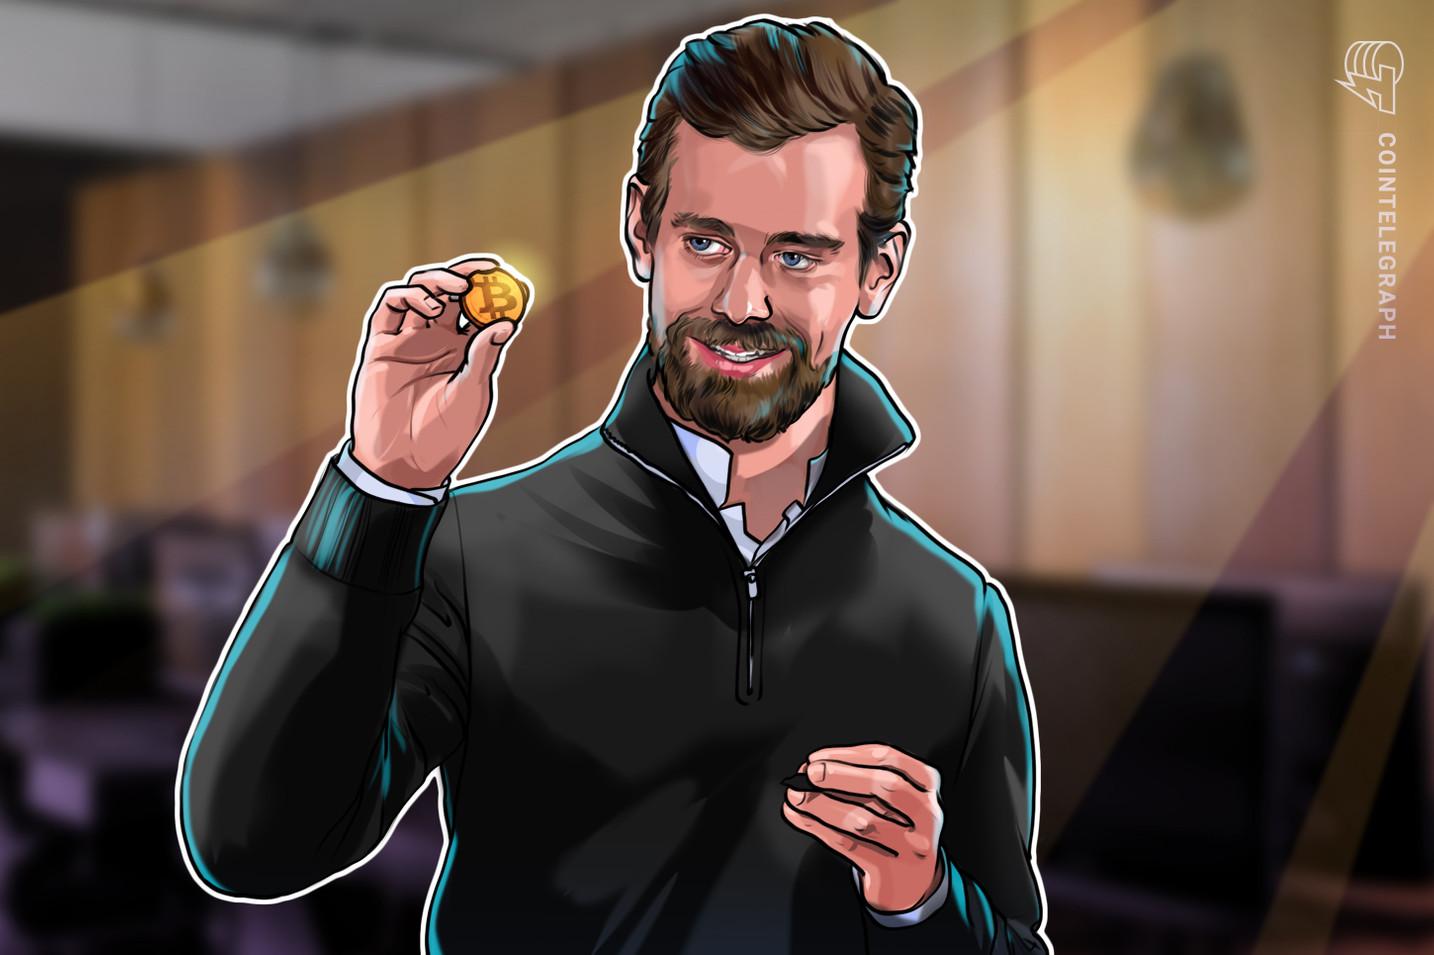 """DeFi na bitcoinu: Jack Dorsey zahajuje novou divizi Square, aby to bylo """"snadné"""""""